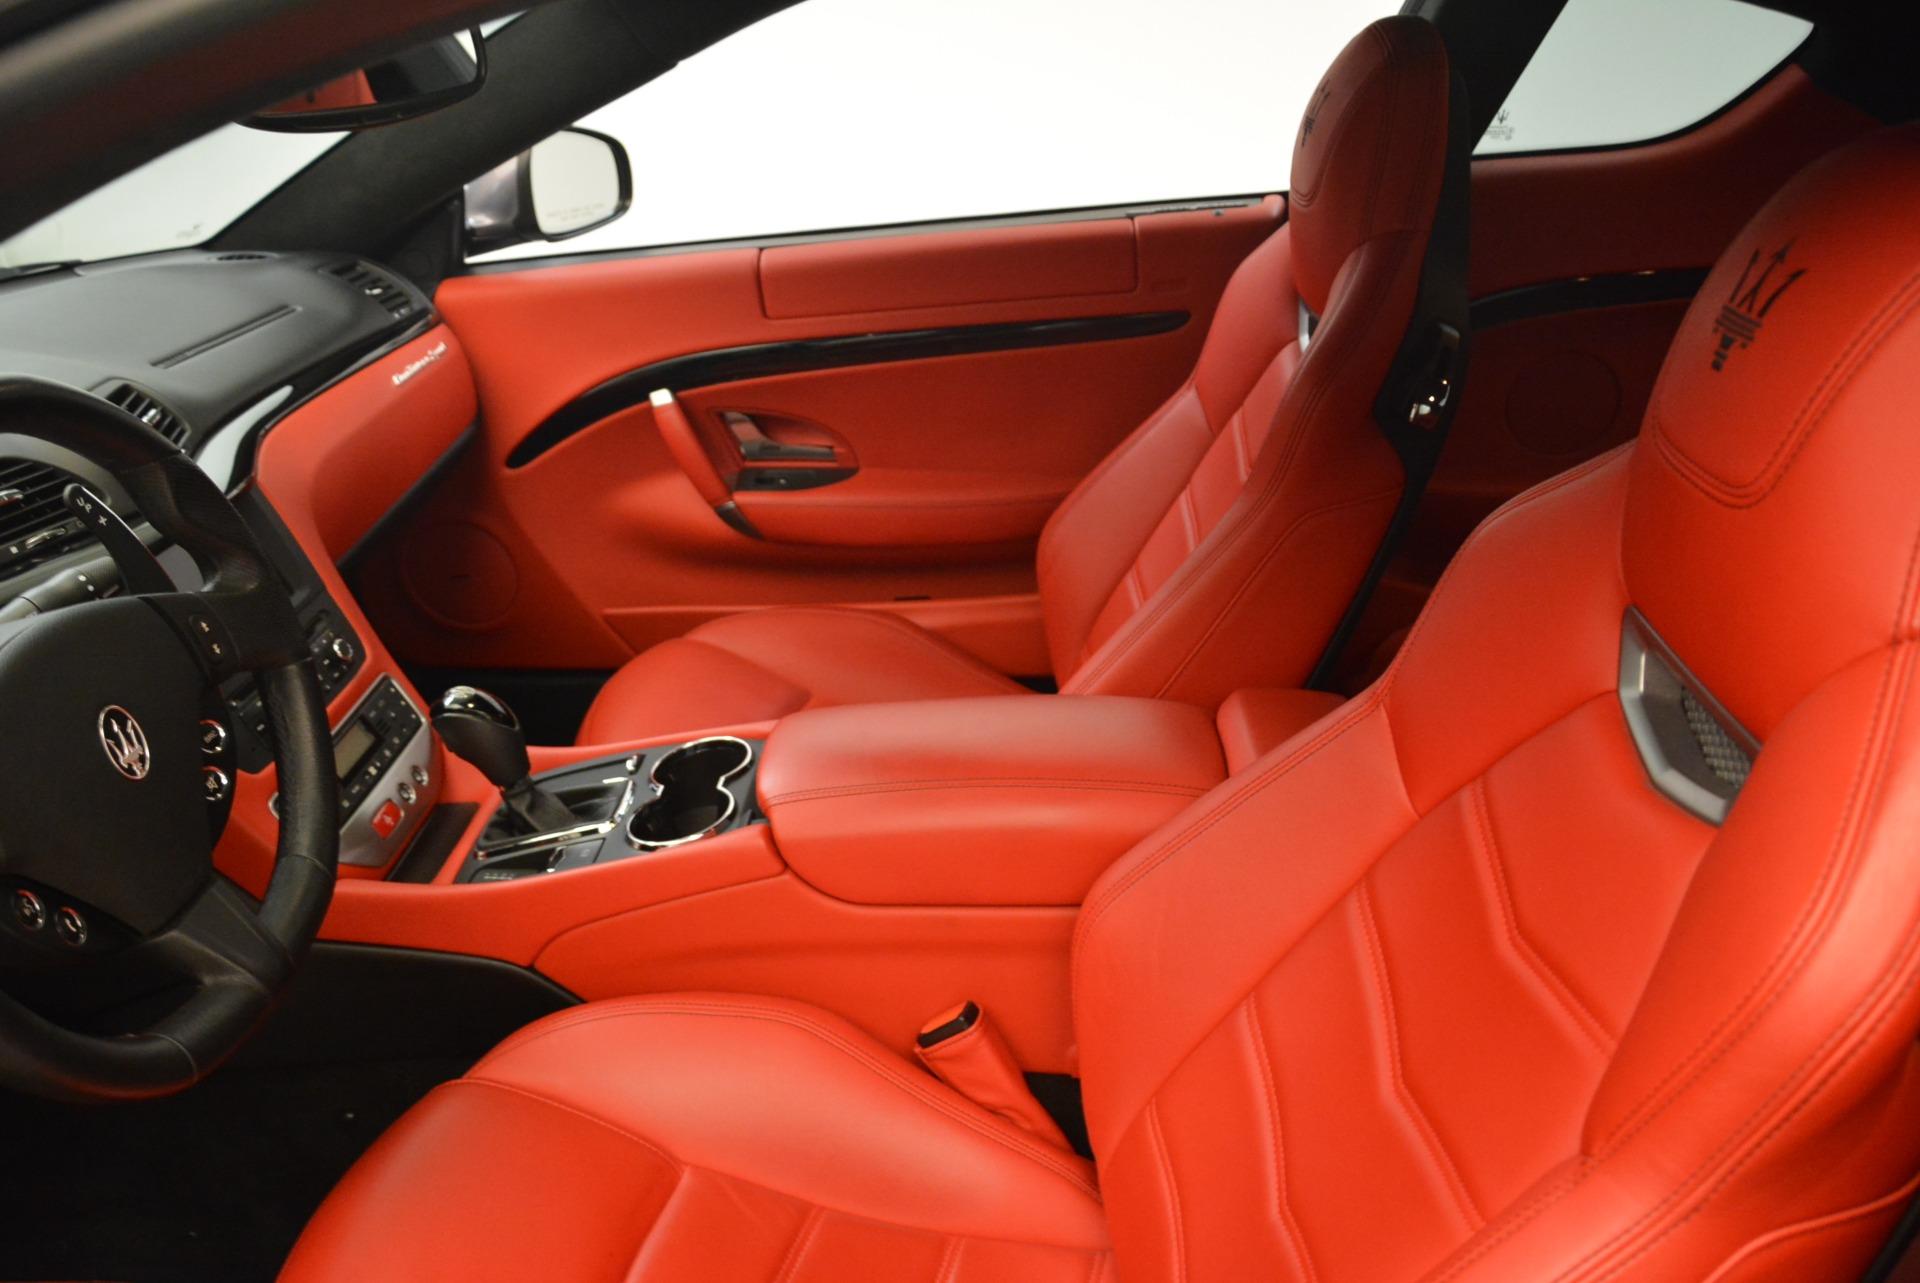 Used 2014 Maserati GranTurismo Sport For Sale In Westport, CT 2131_p12